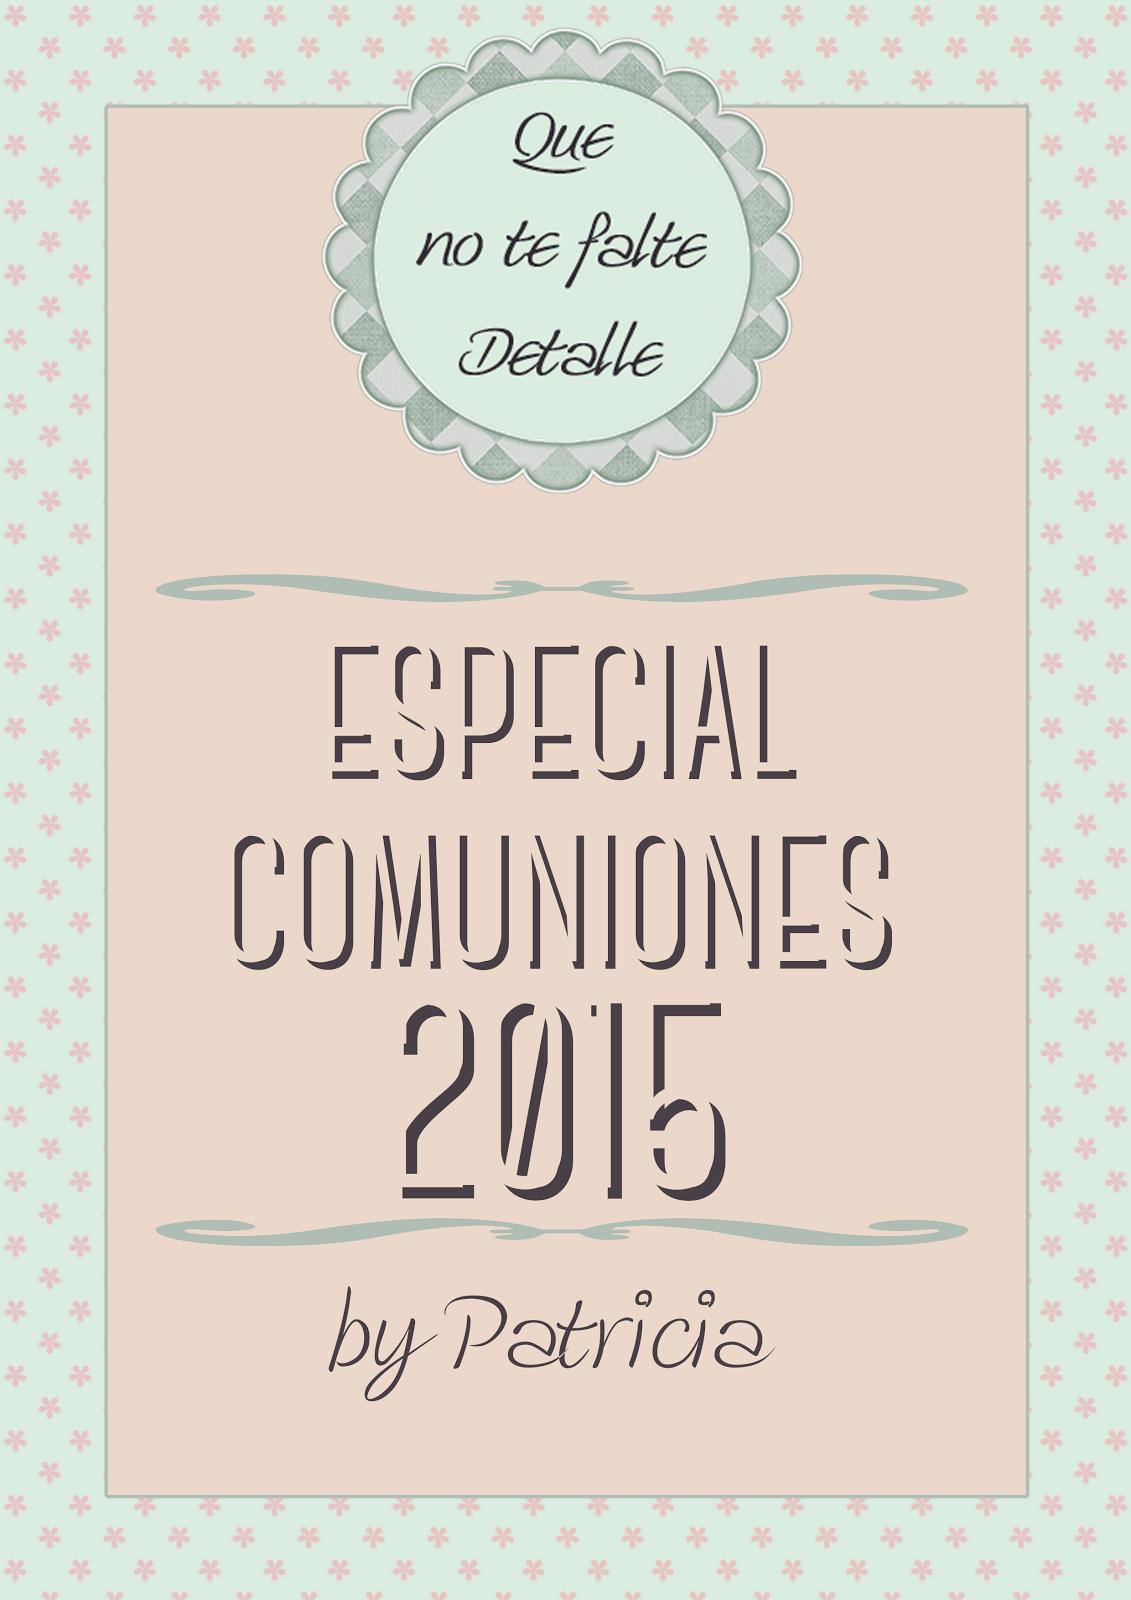 ESPECIAL COMUNIONES 2015